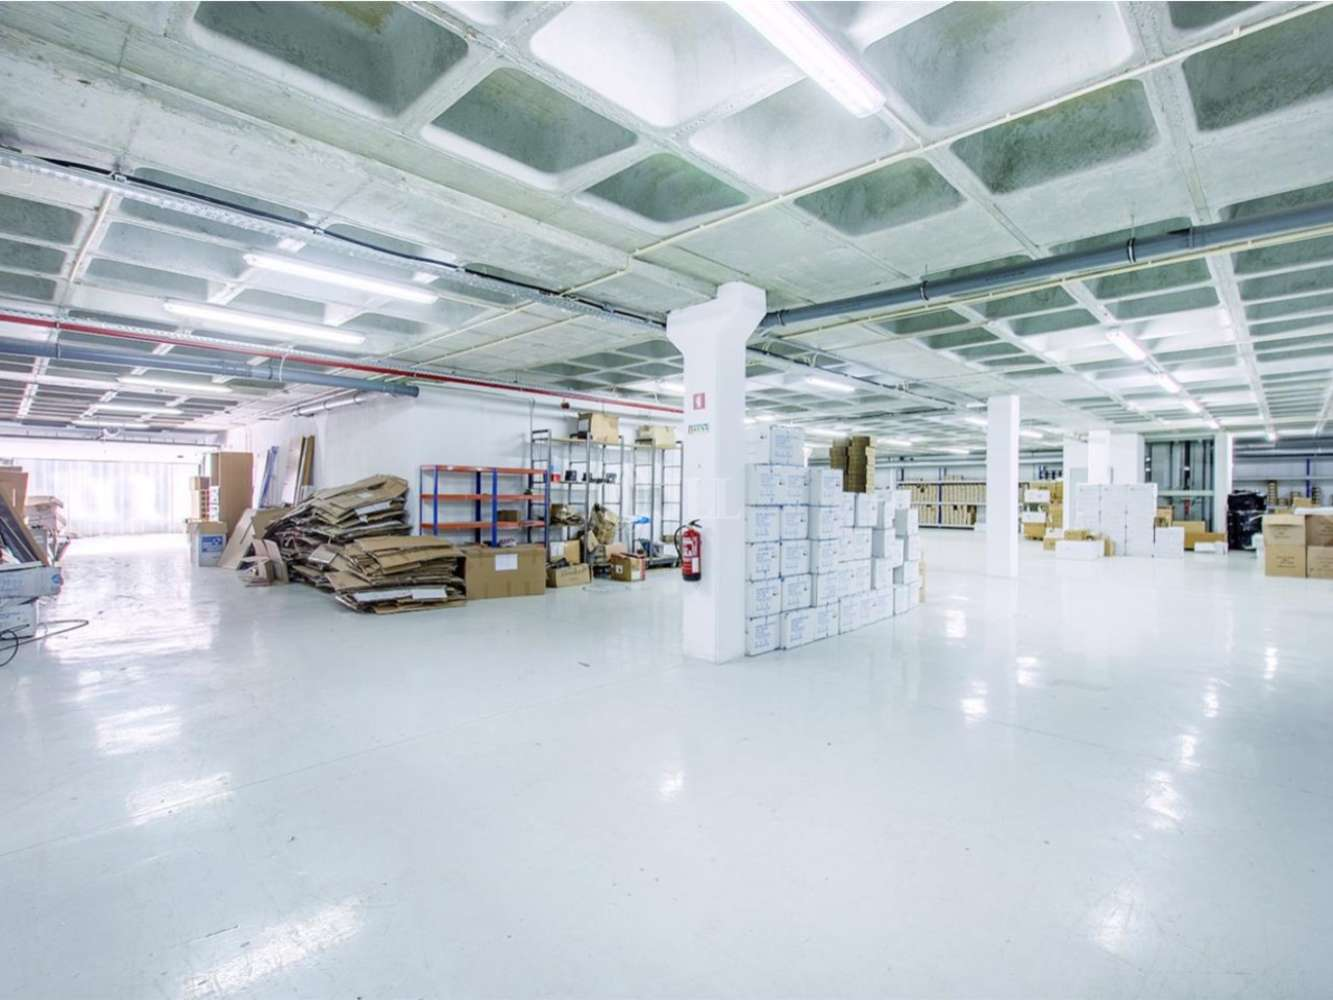 Industrial Cascais,  - Armazém em Alcoitão com 881 m2 (ABP), inserido num lote de terreno de 1.633 m2, Alcabideche.